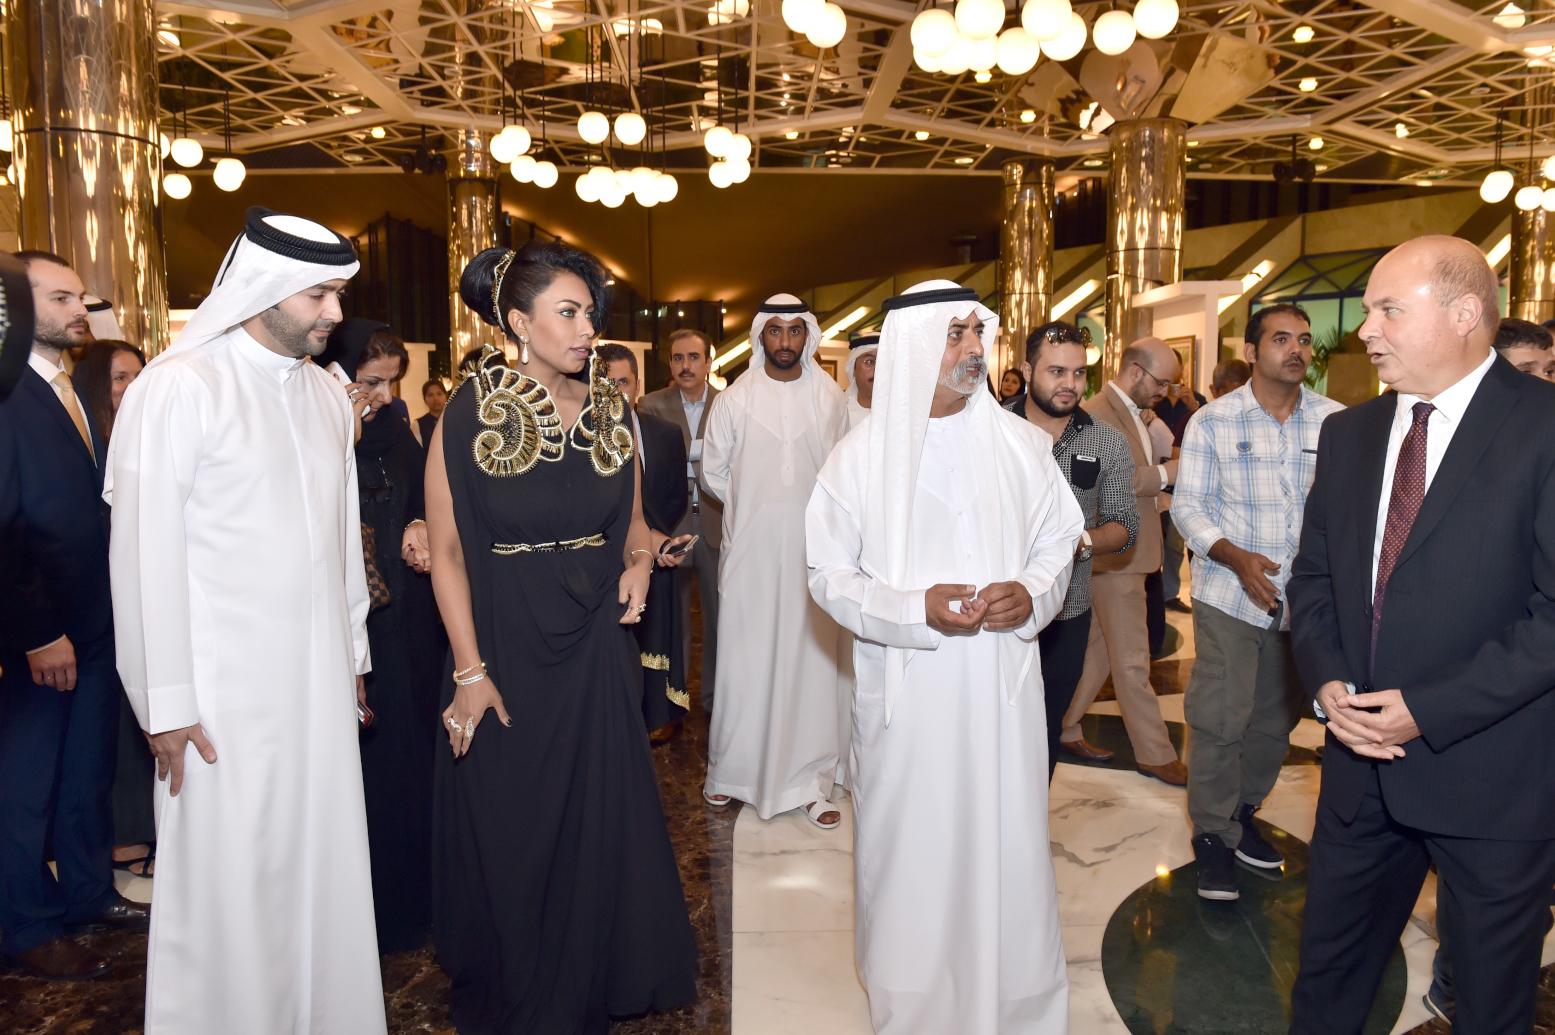 صورة الأمير فيصل بن سلطان ال سعود يستعد لاقامة معارضه في أوروبا